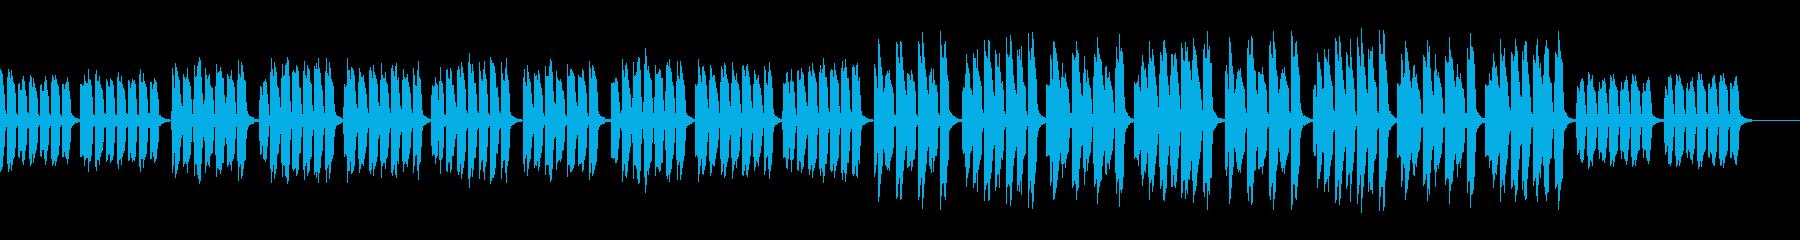 兄弟姉妹達の世間話が聞えるポップ曲の再生済みの波形